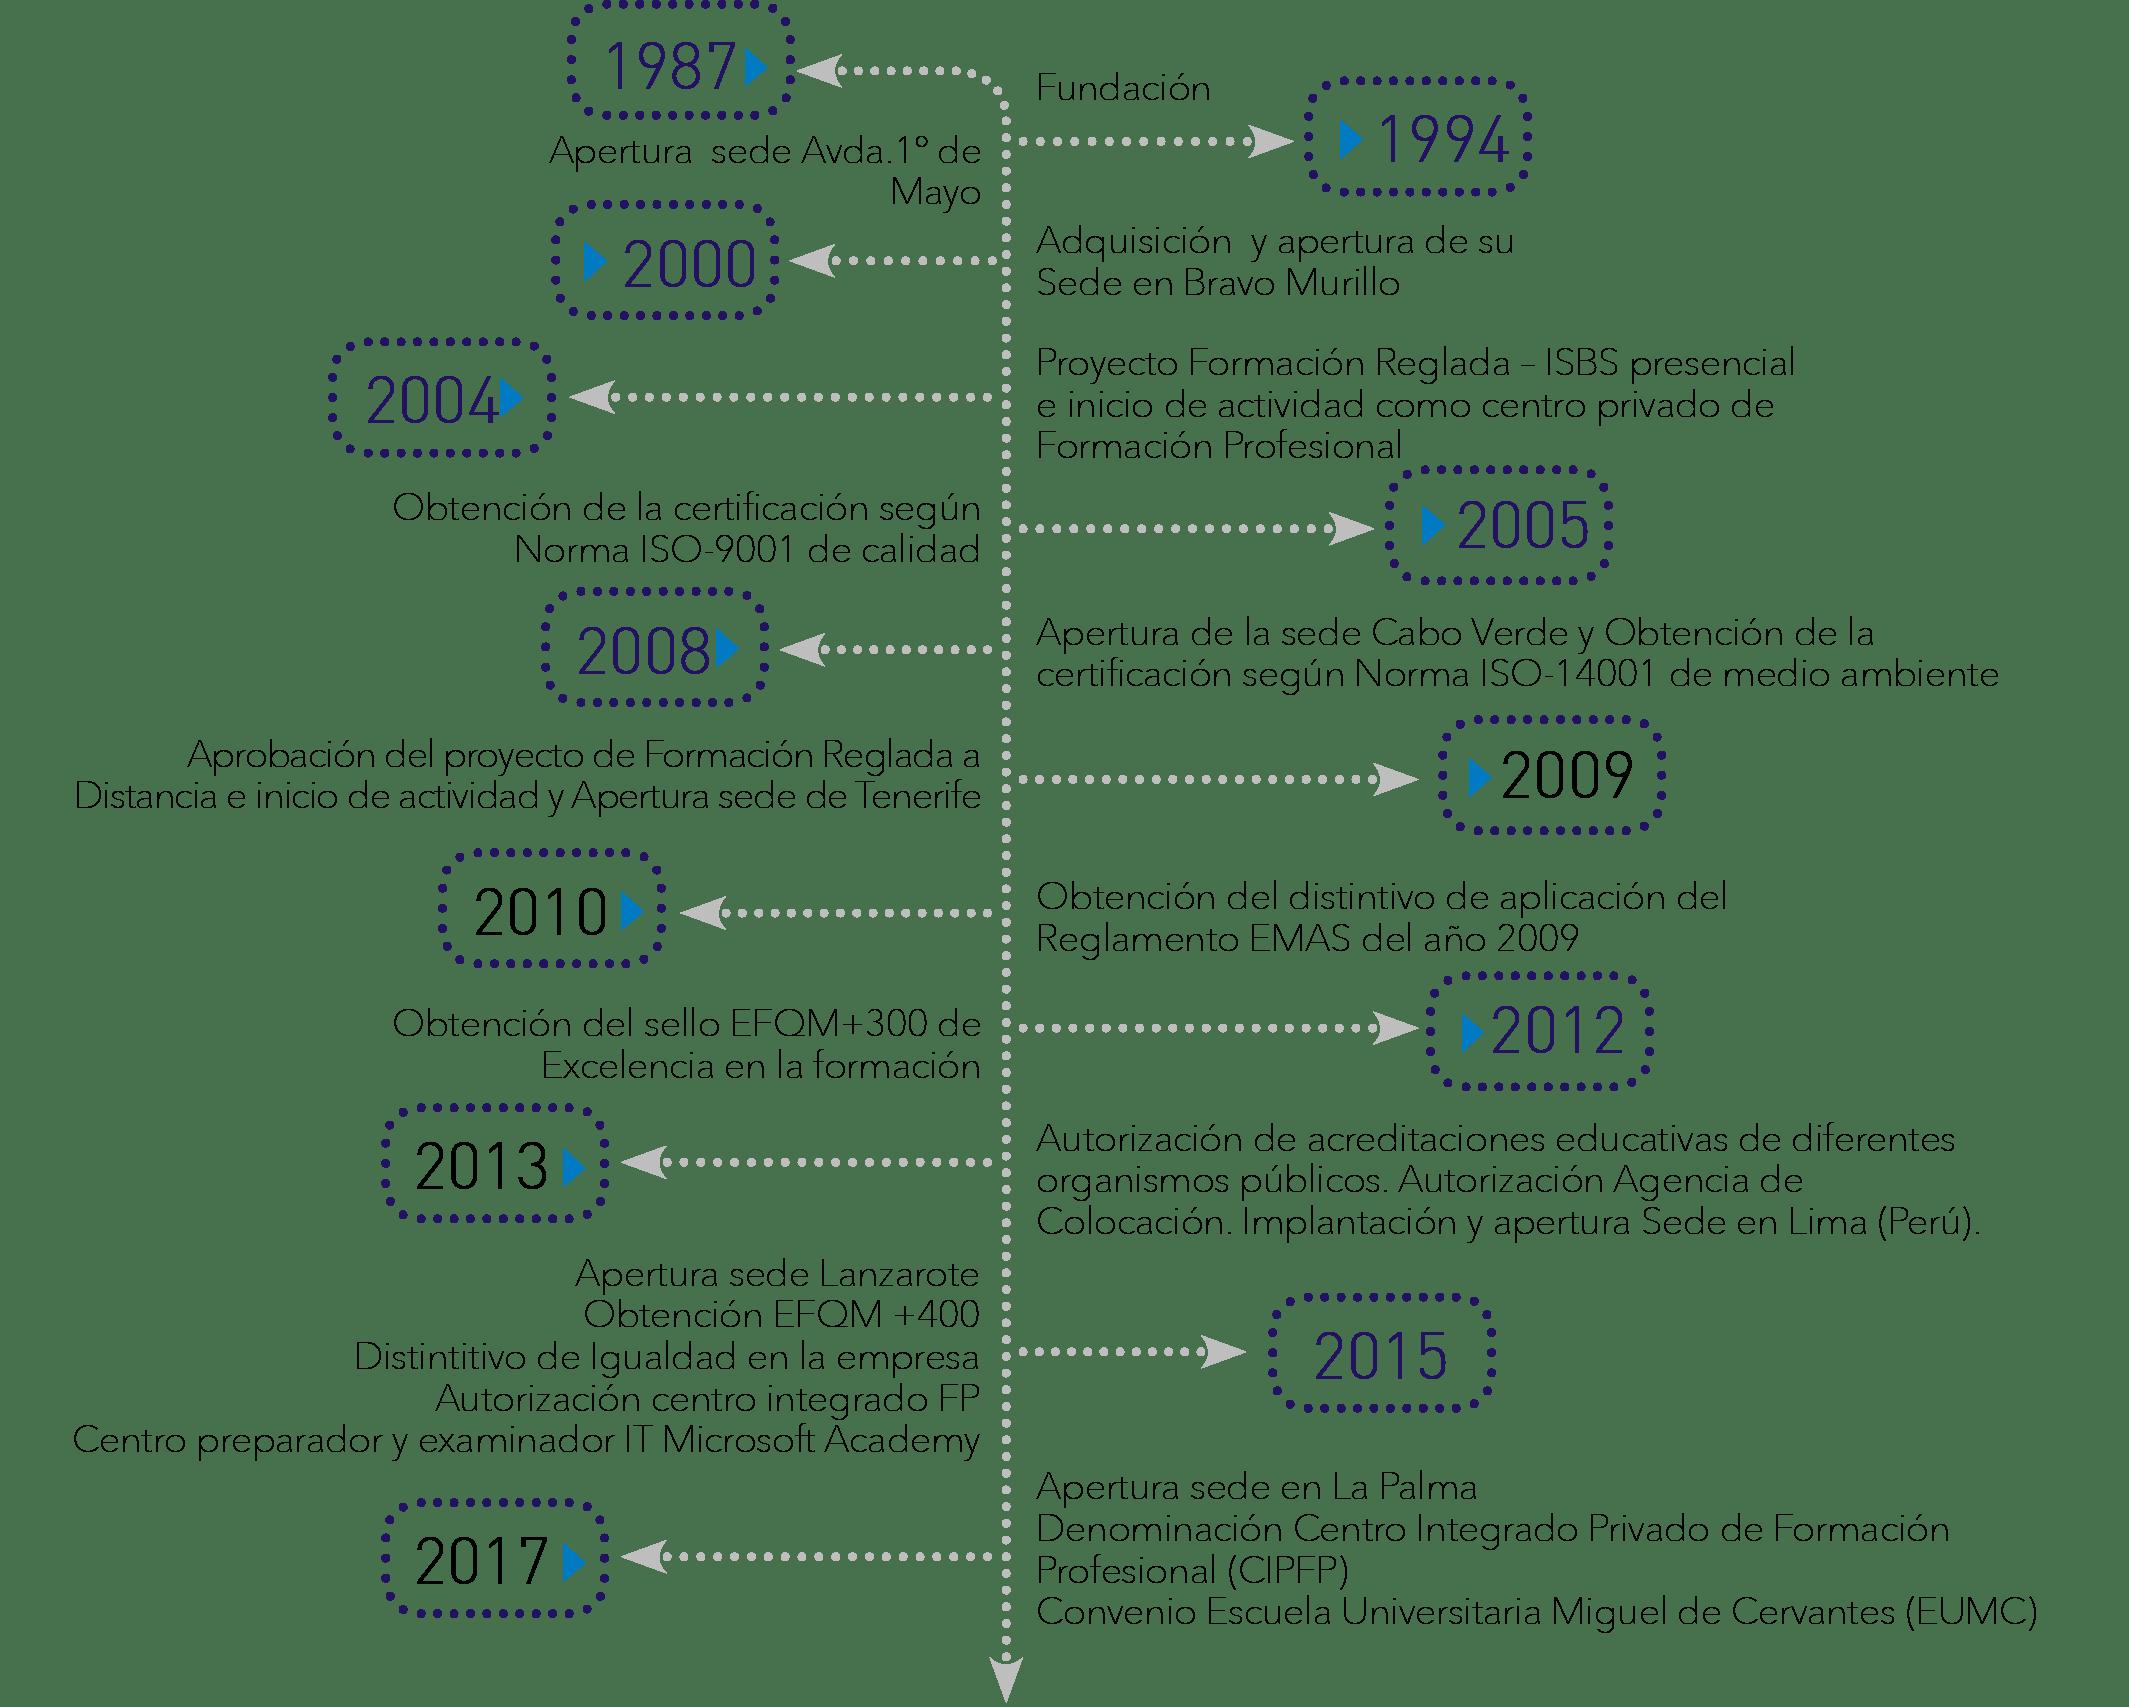 cronología de los logros y evolución del Instituto Focan